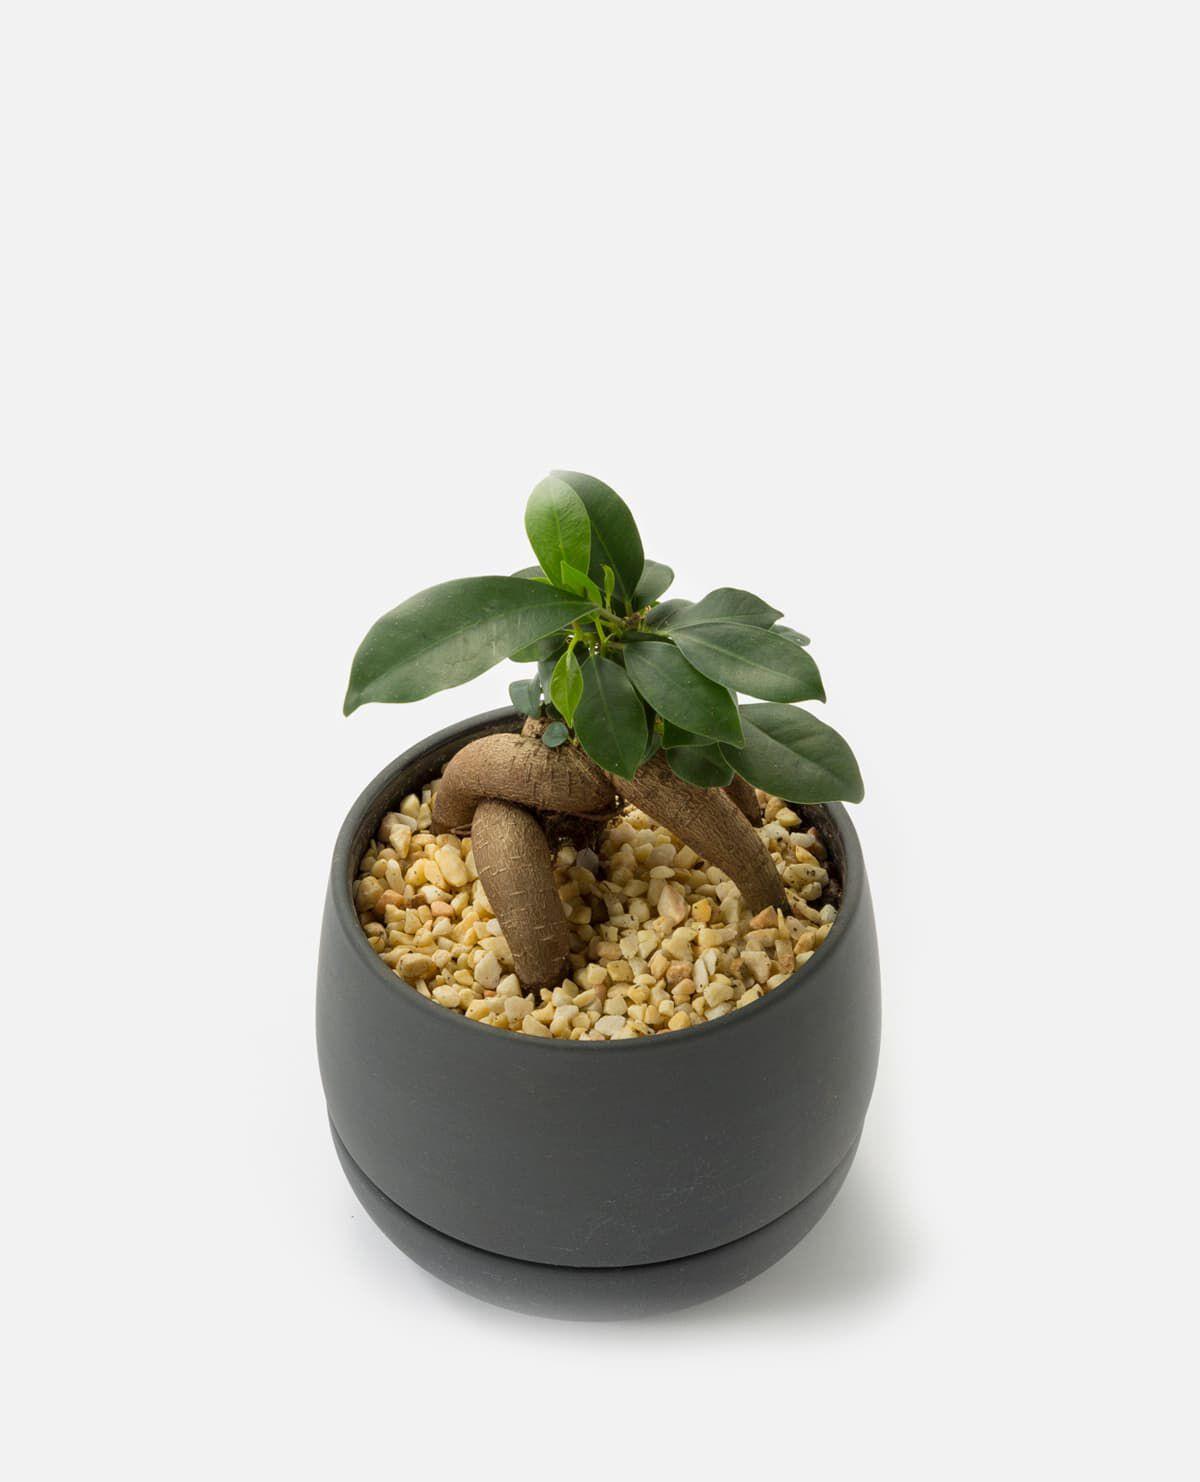 ガジュマルの植え込み 鉢グレー